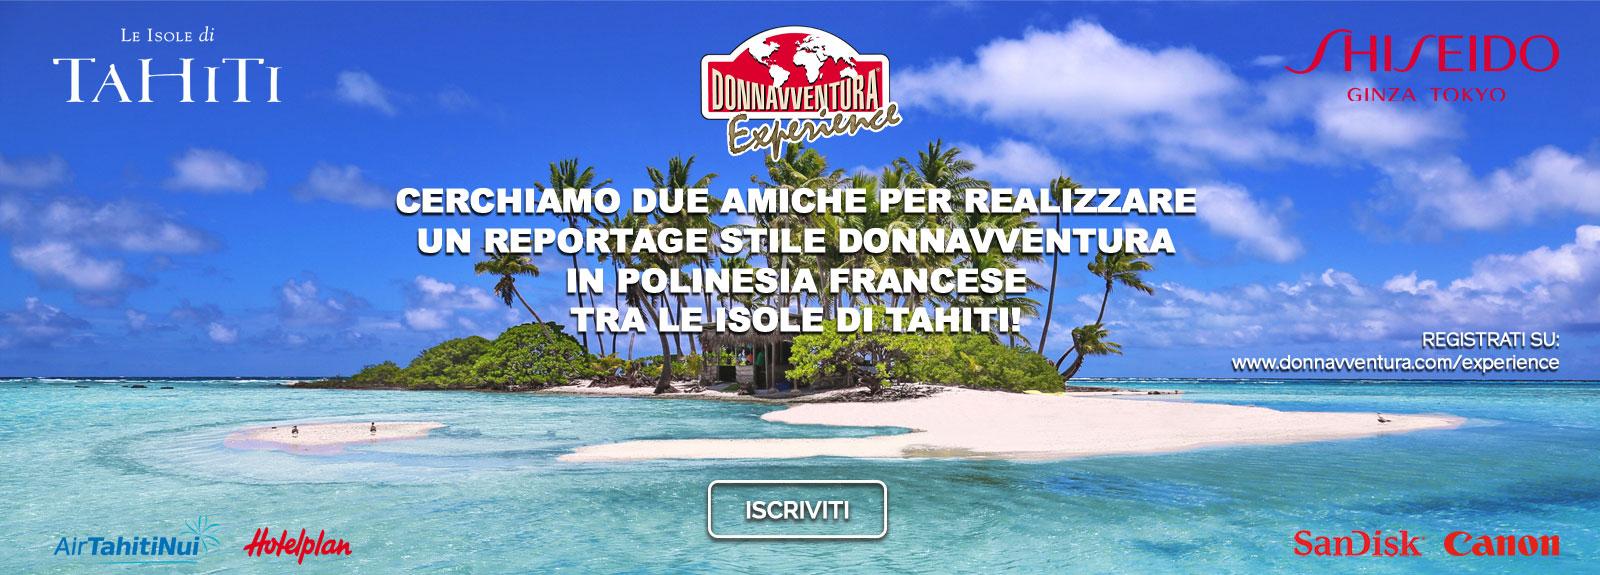 Slider_Donnavventura_Experience_Iscriviti.jpg